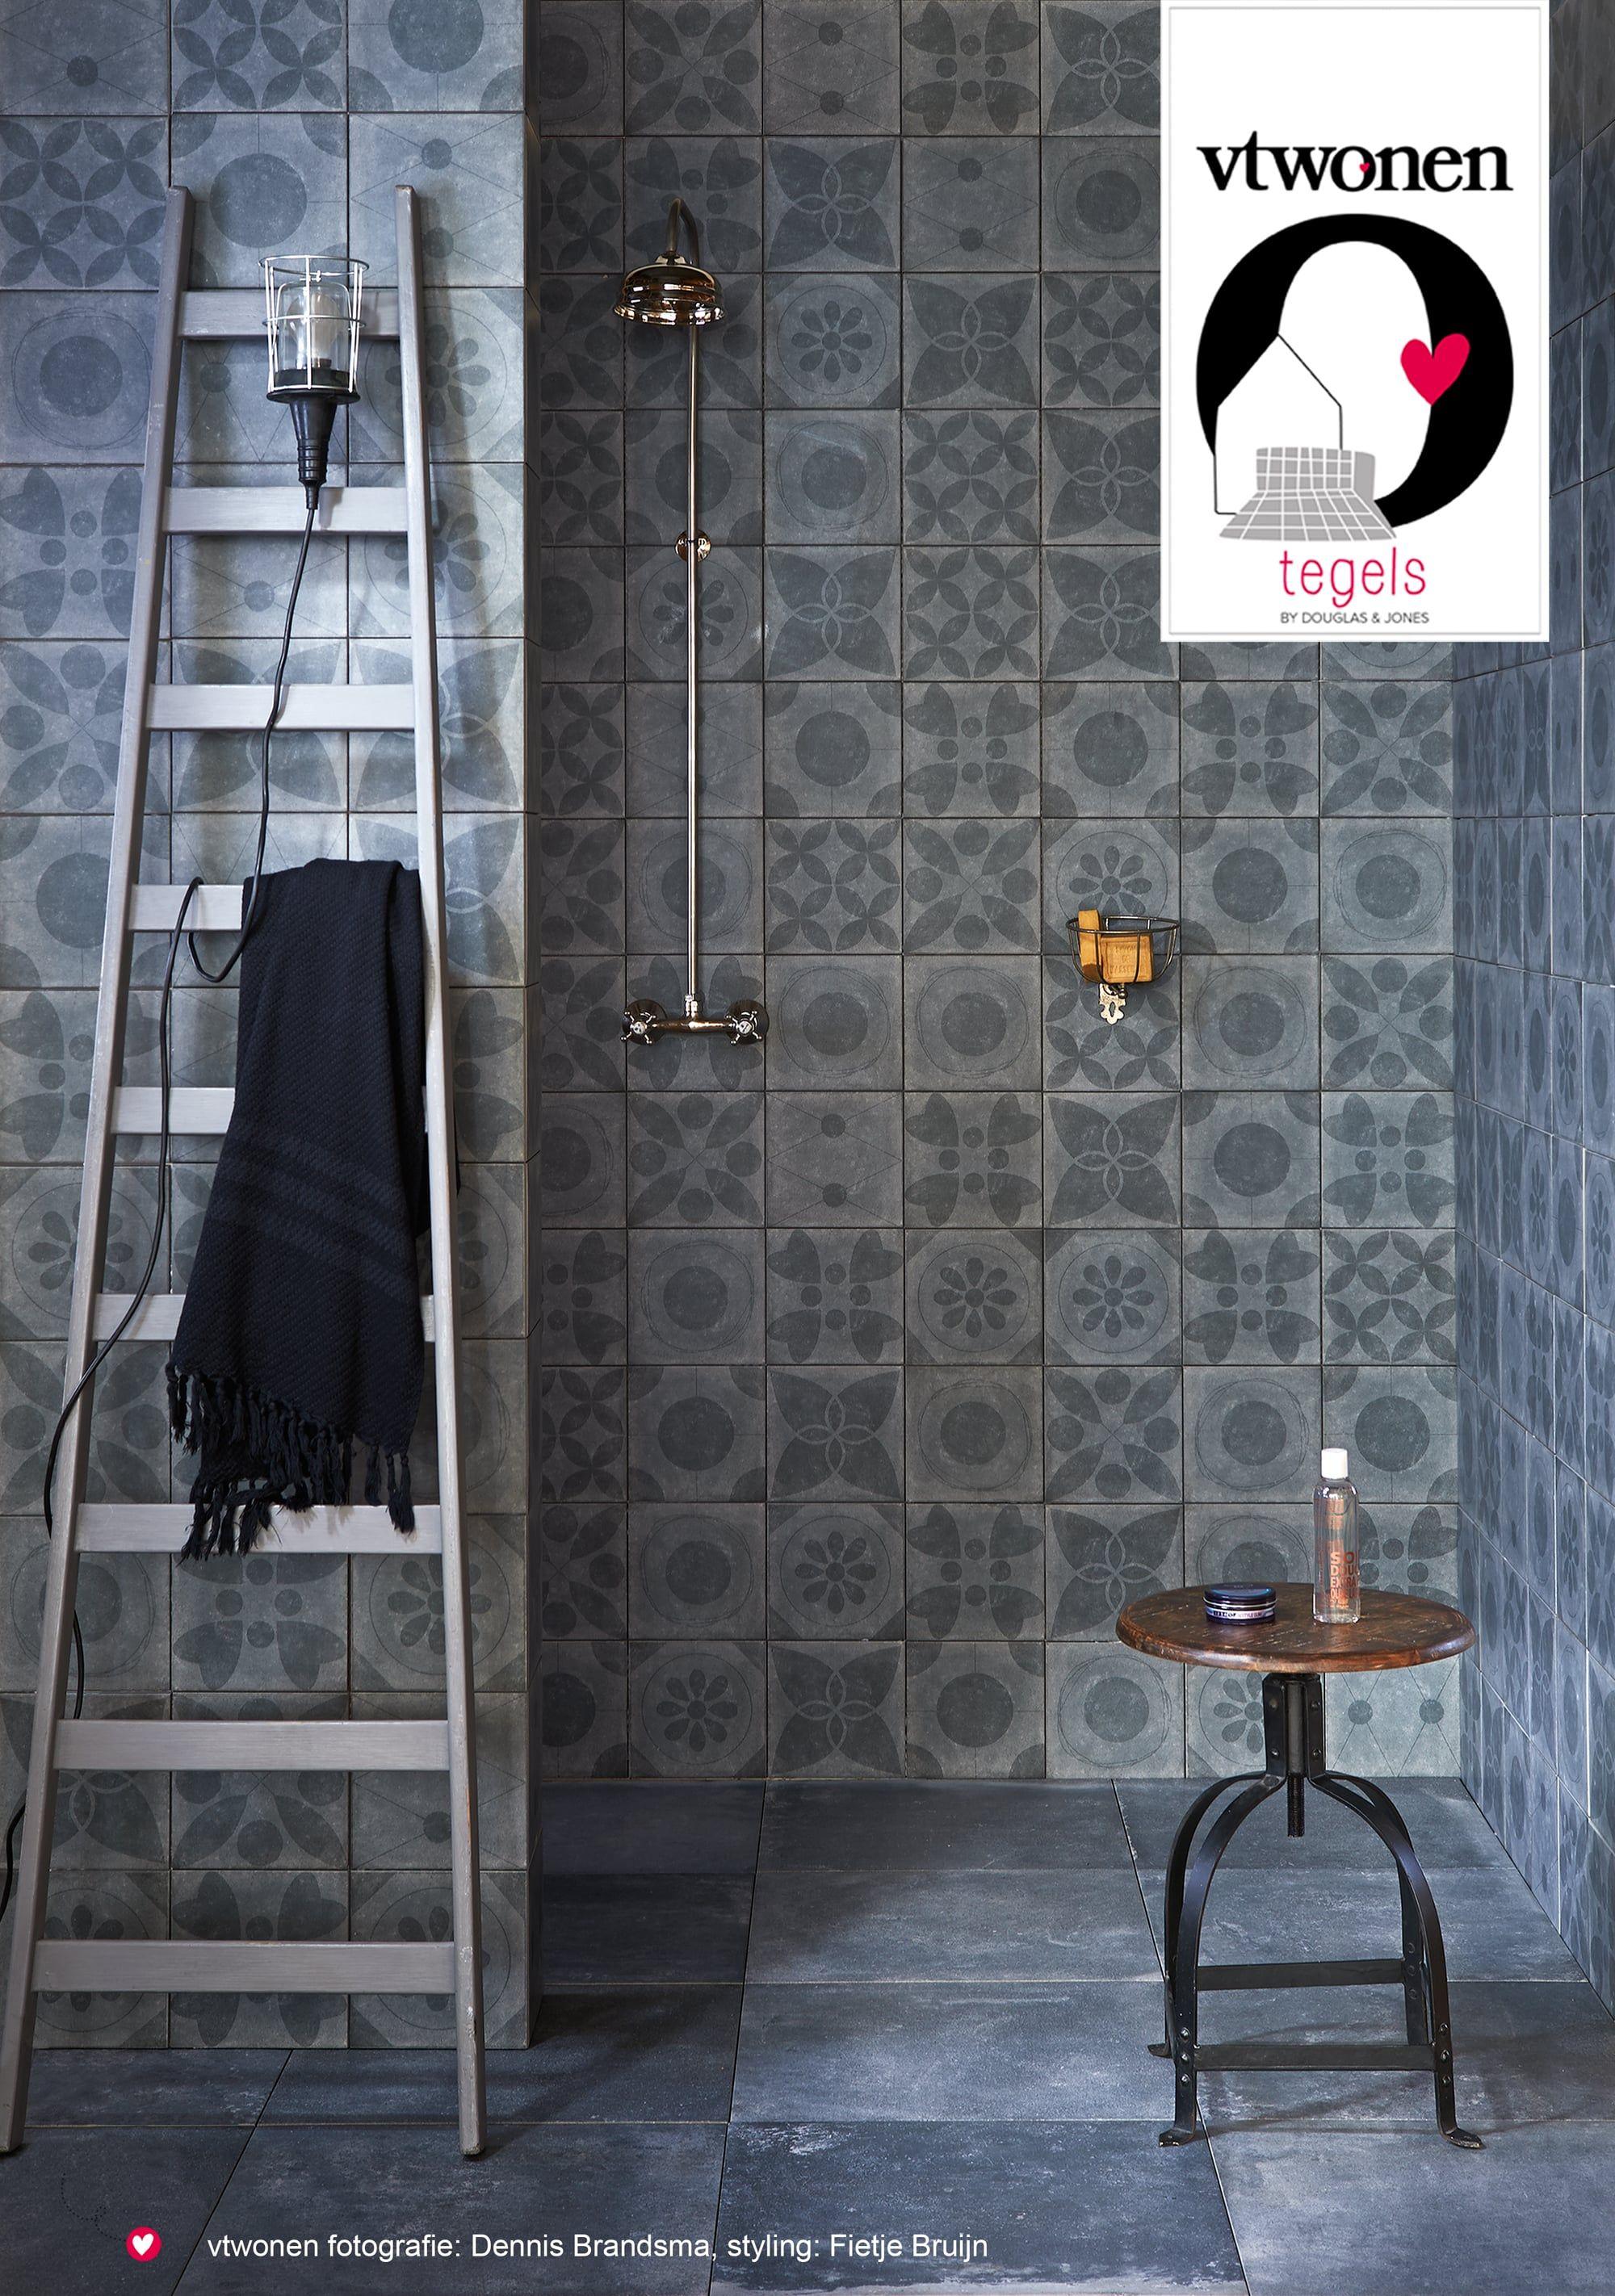 vtwonen tegels Neo Noir met decors in badkamer   Badkamer inspiratie ...